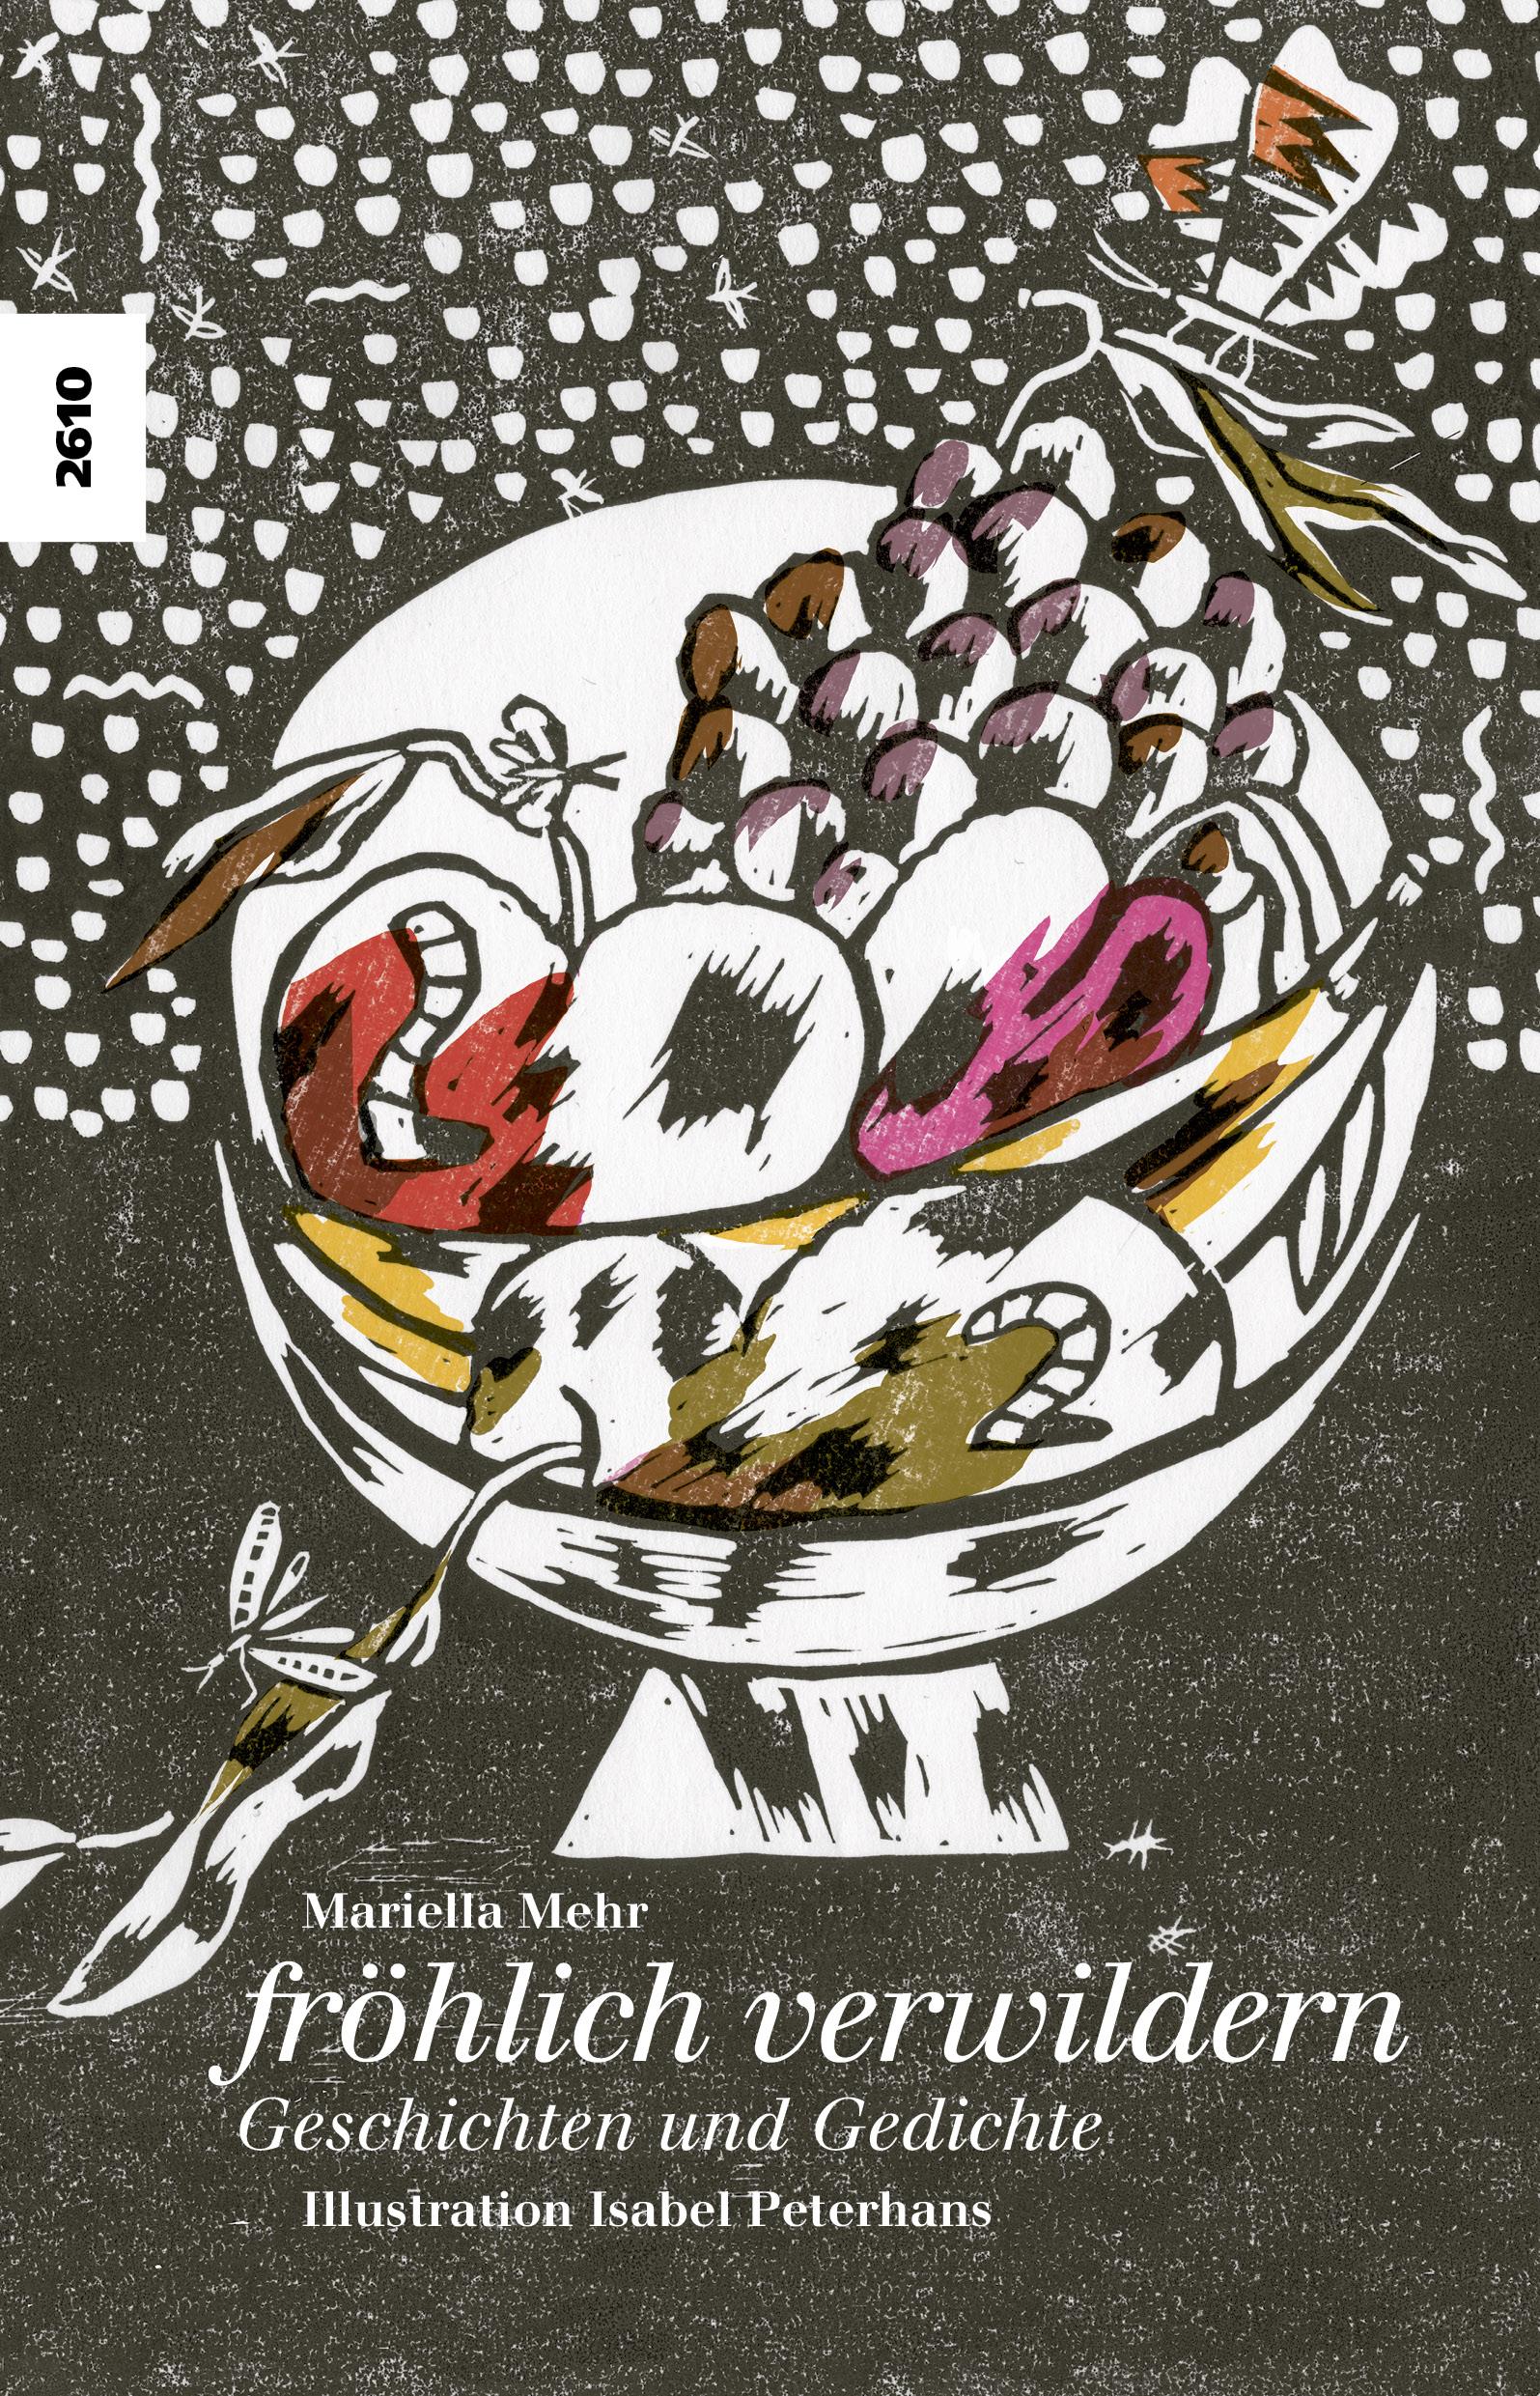 Preview image for LOM object fröhlich verwildern - Geschichten  und Gedichte der jenischen Autorin Mariella Mehr